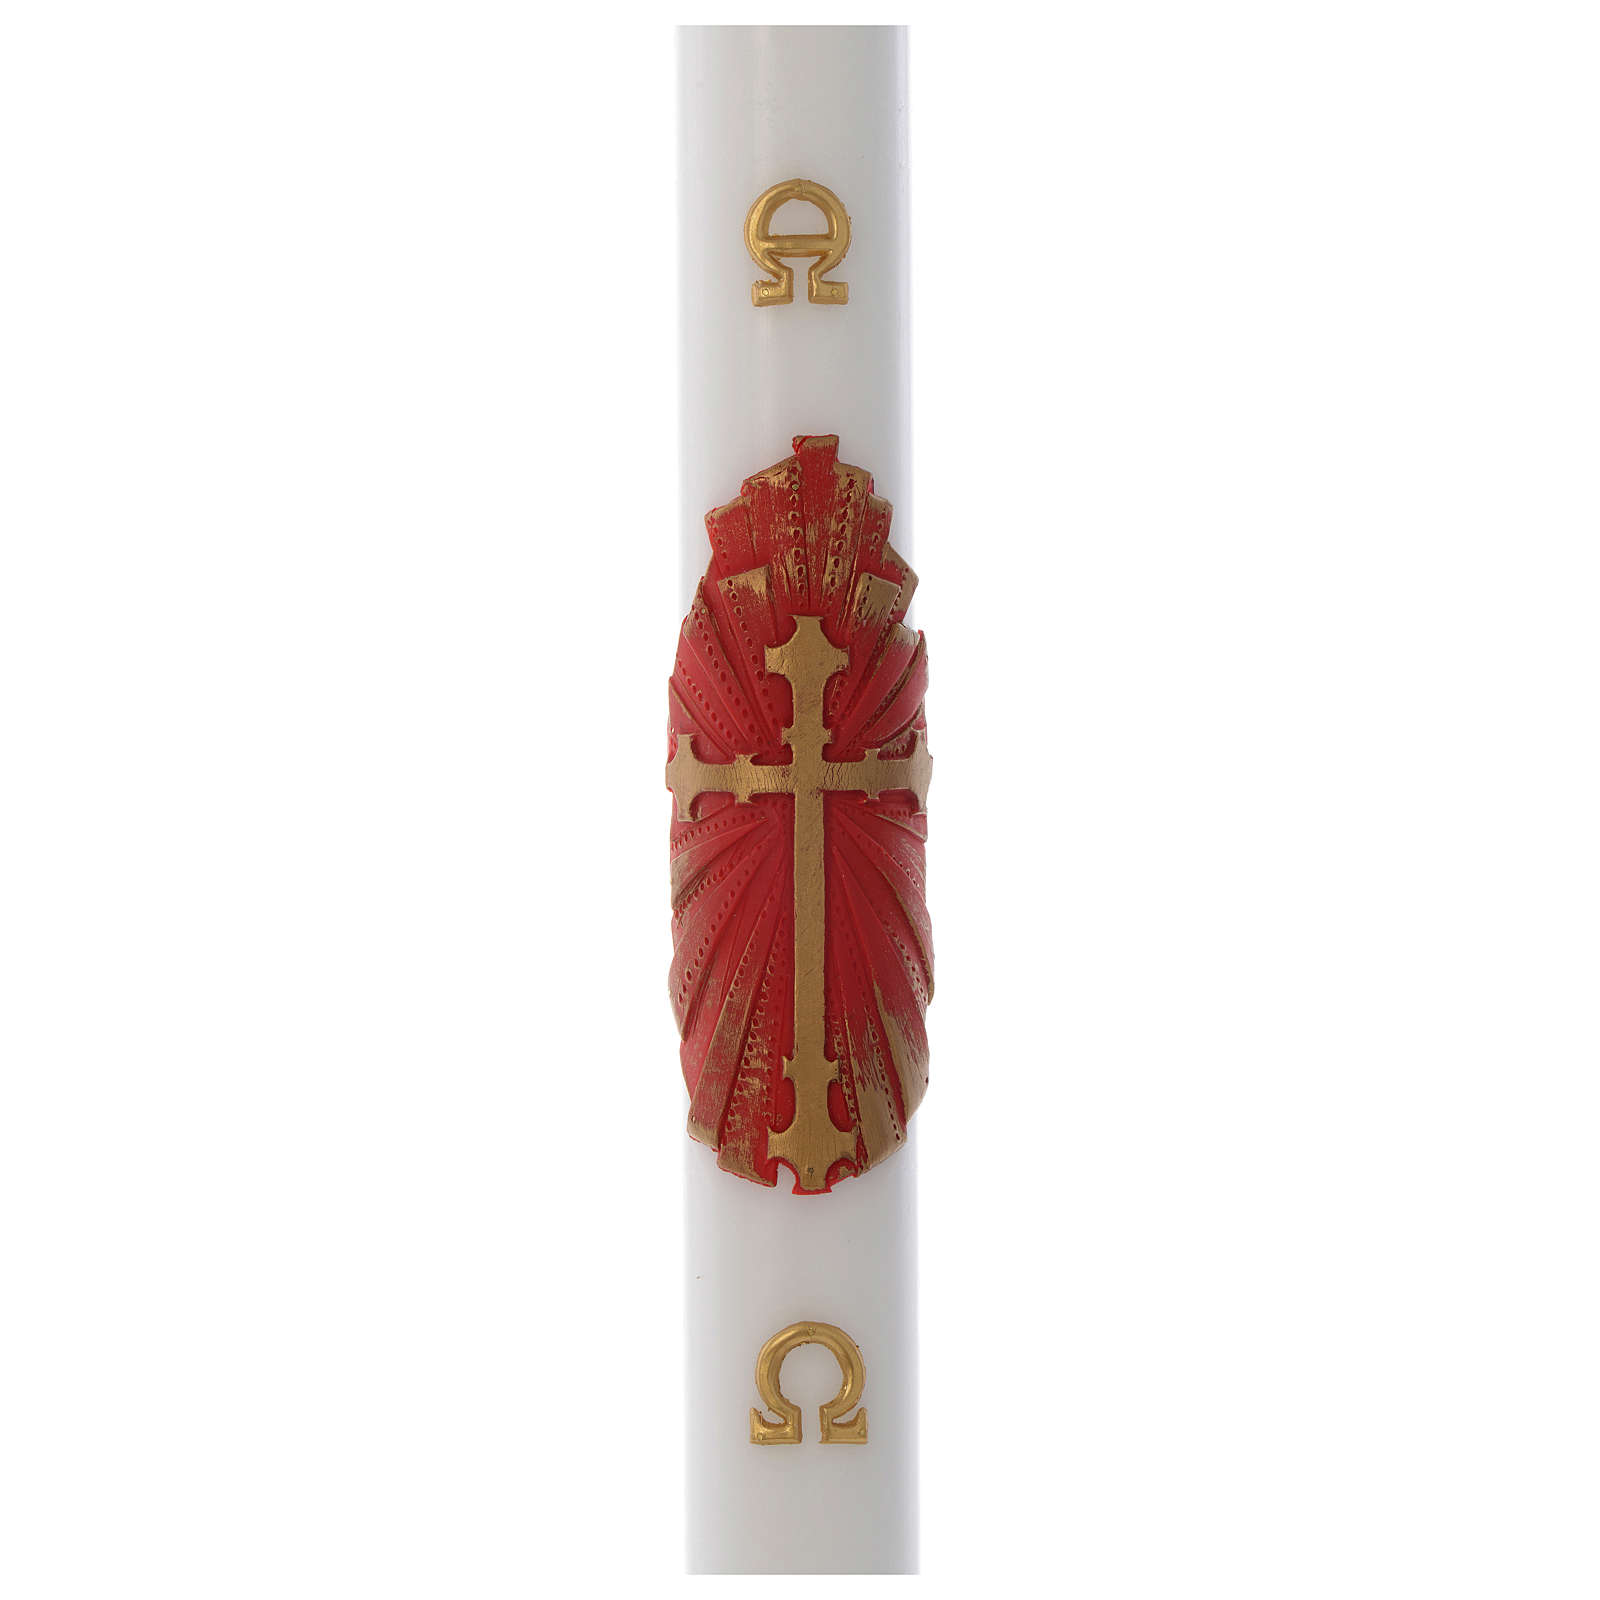 Cero pasquale cera bianca RINFORZO Croce Antica 8x120 cm 3